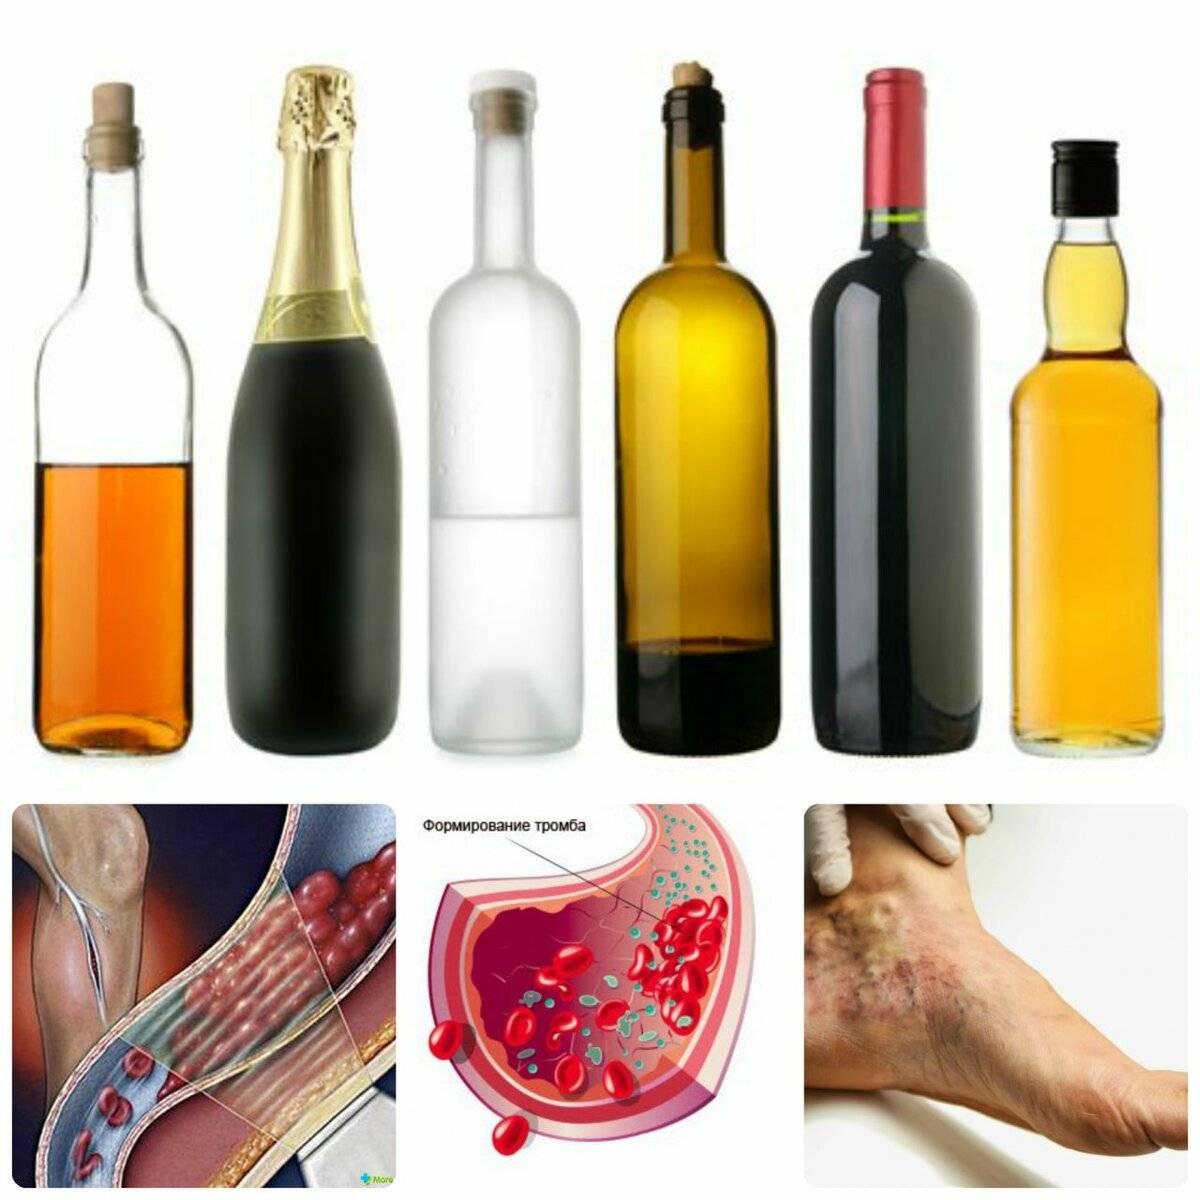 Влияние алкогольных напитков на сосуды